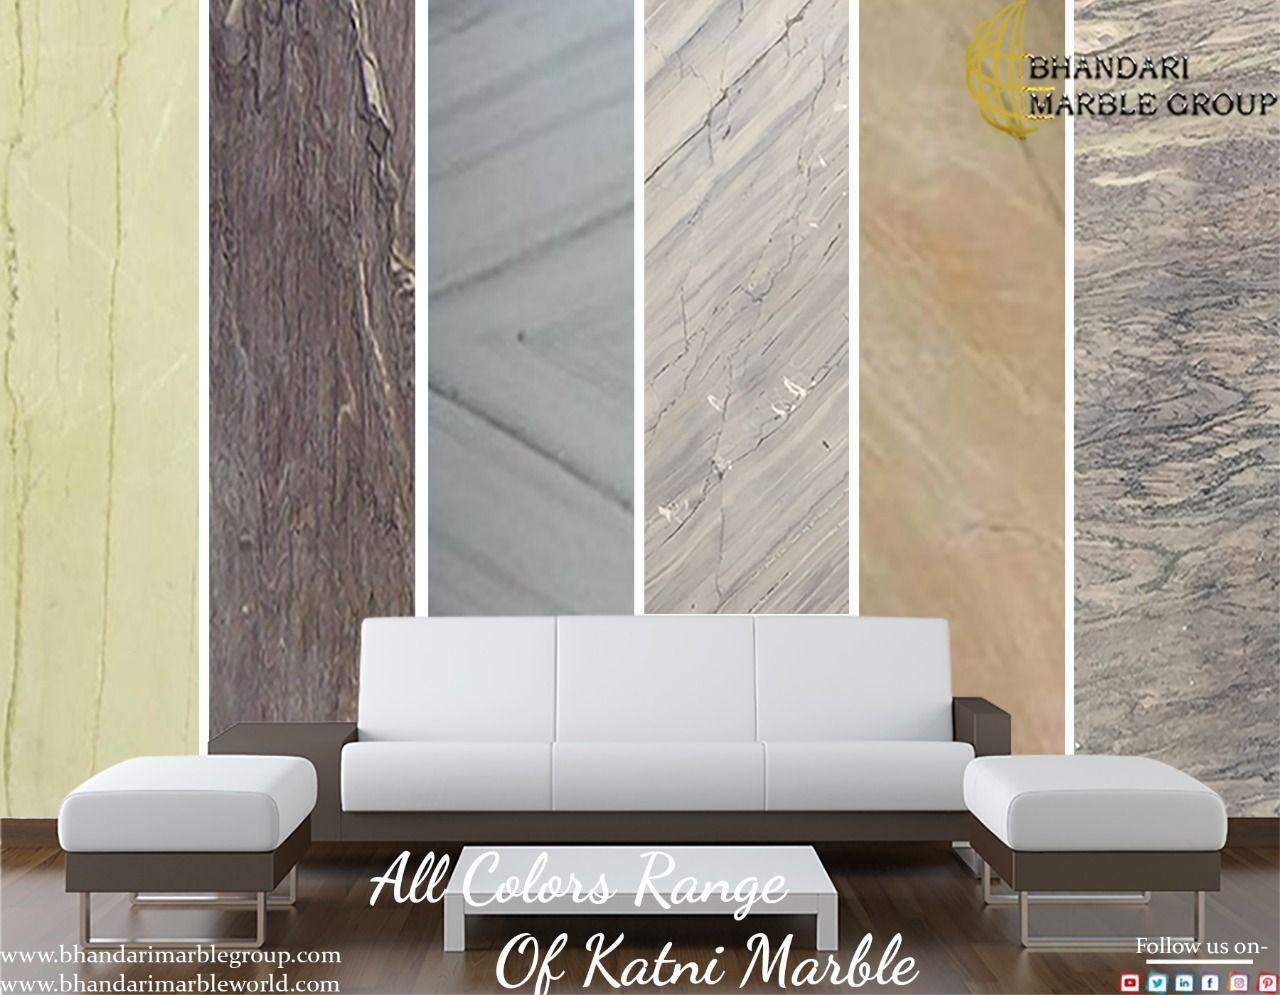 Katni Marble | Marble granite, Statuario marble, Italian marble